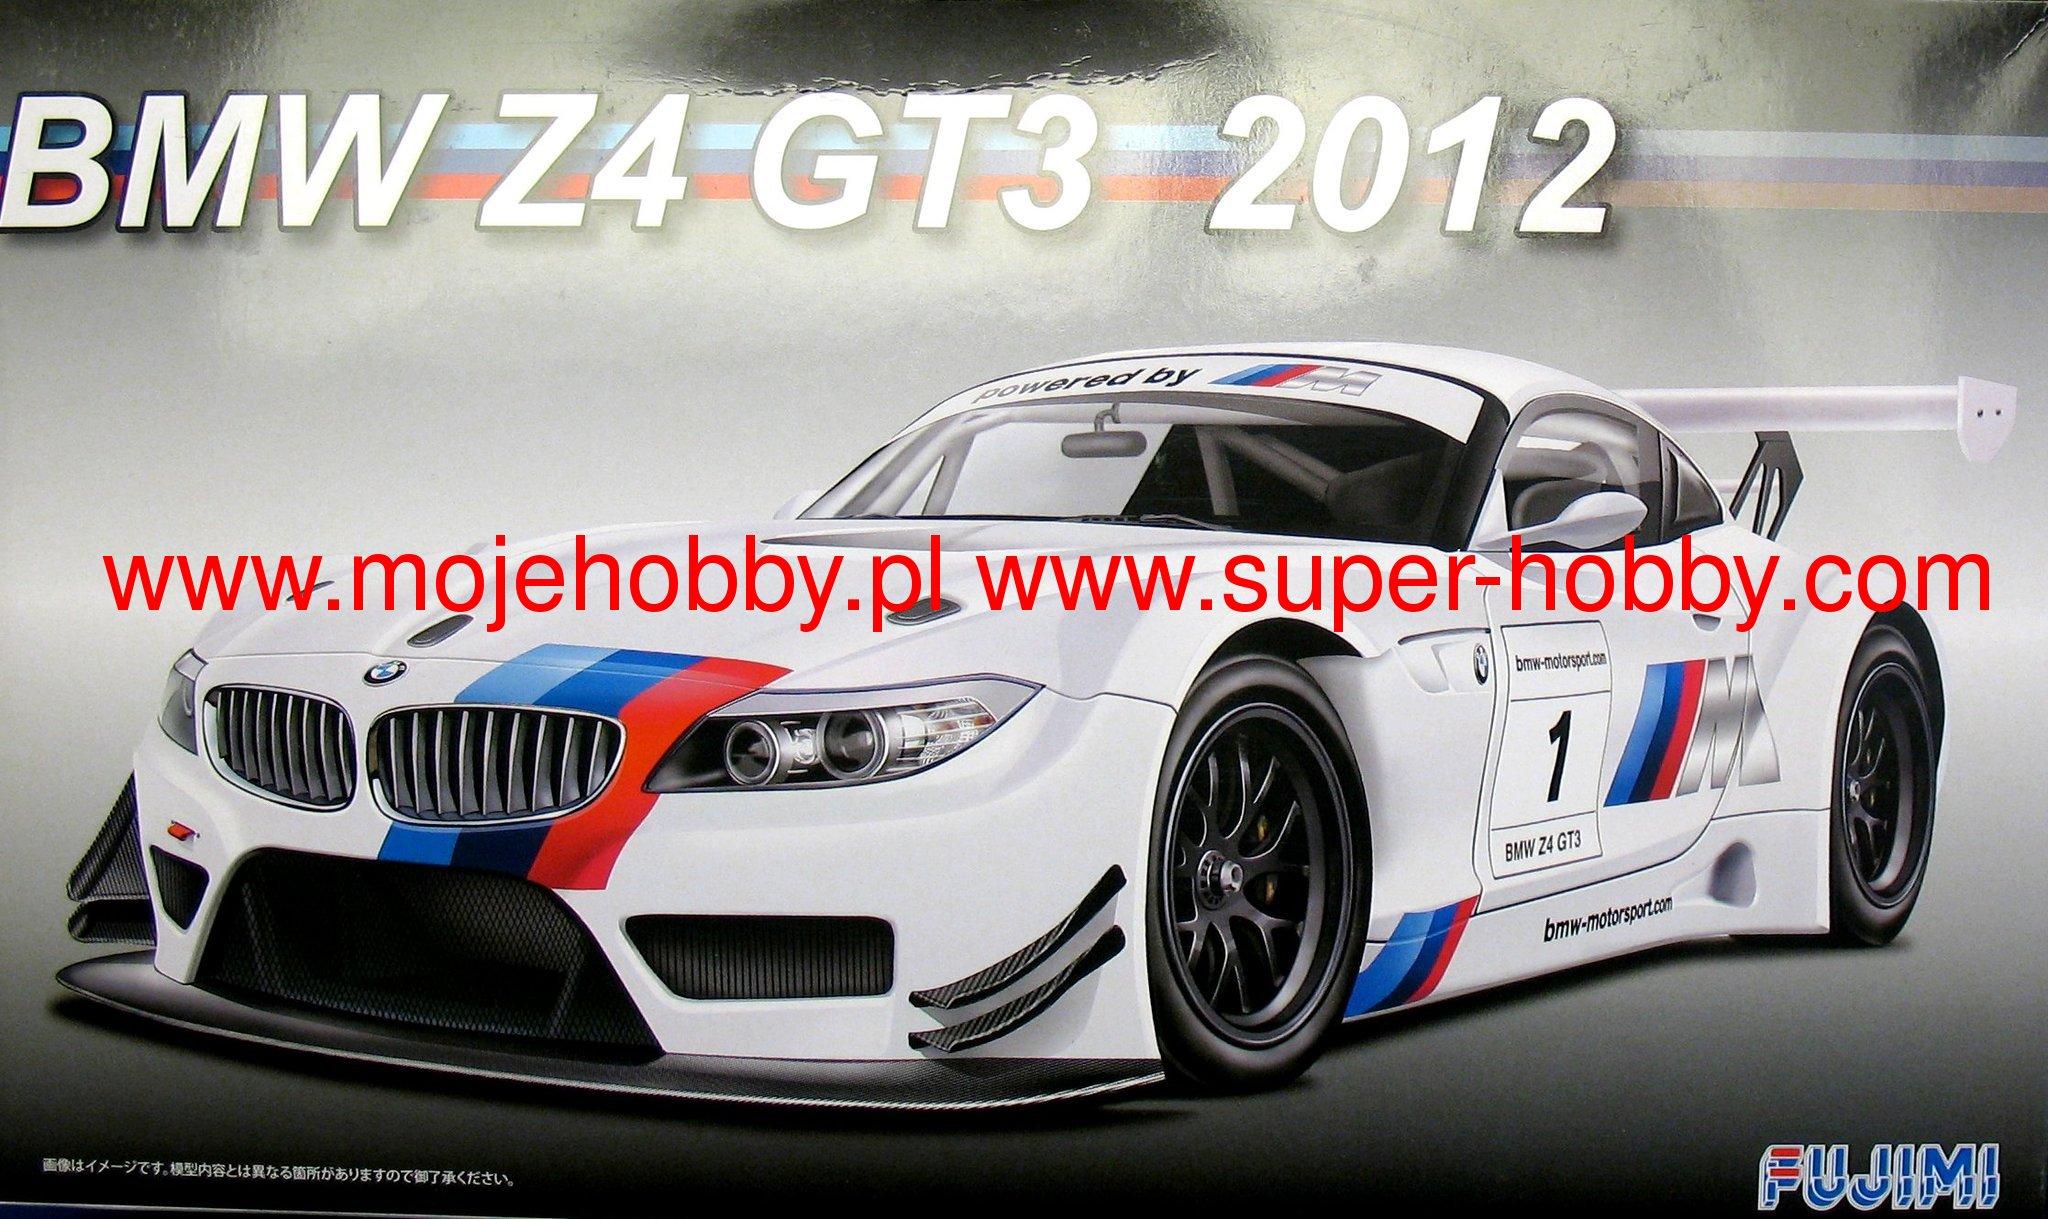 Bmw Z4 Gt3 2012 Fujimi 125688